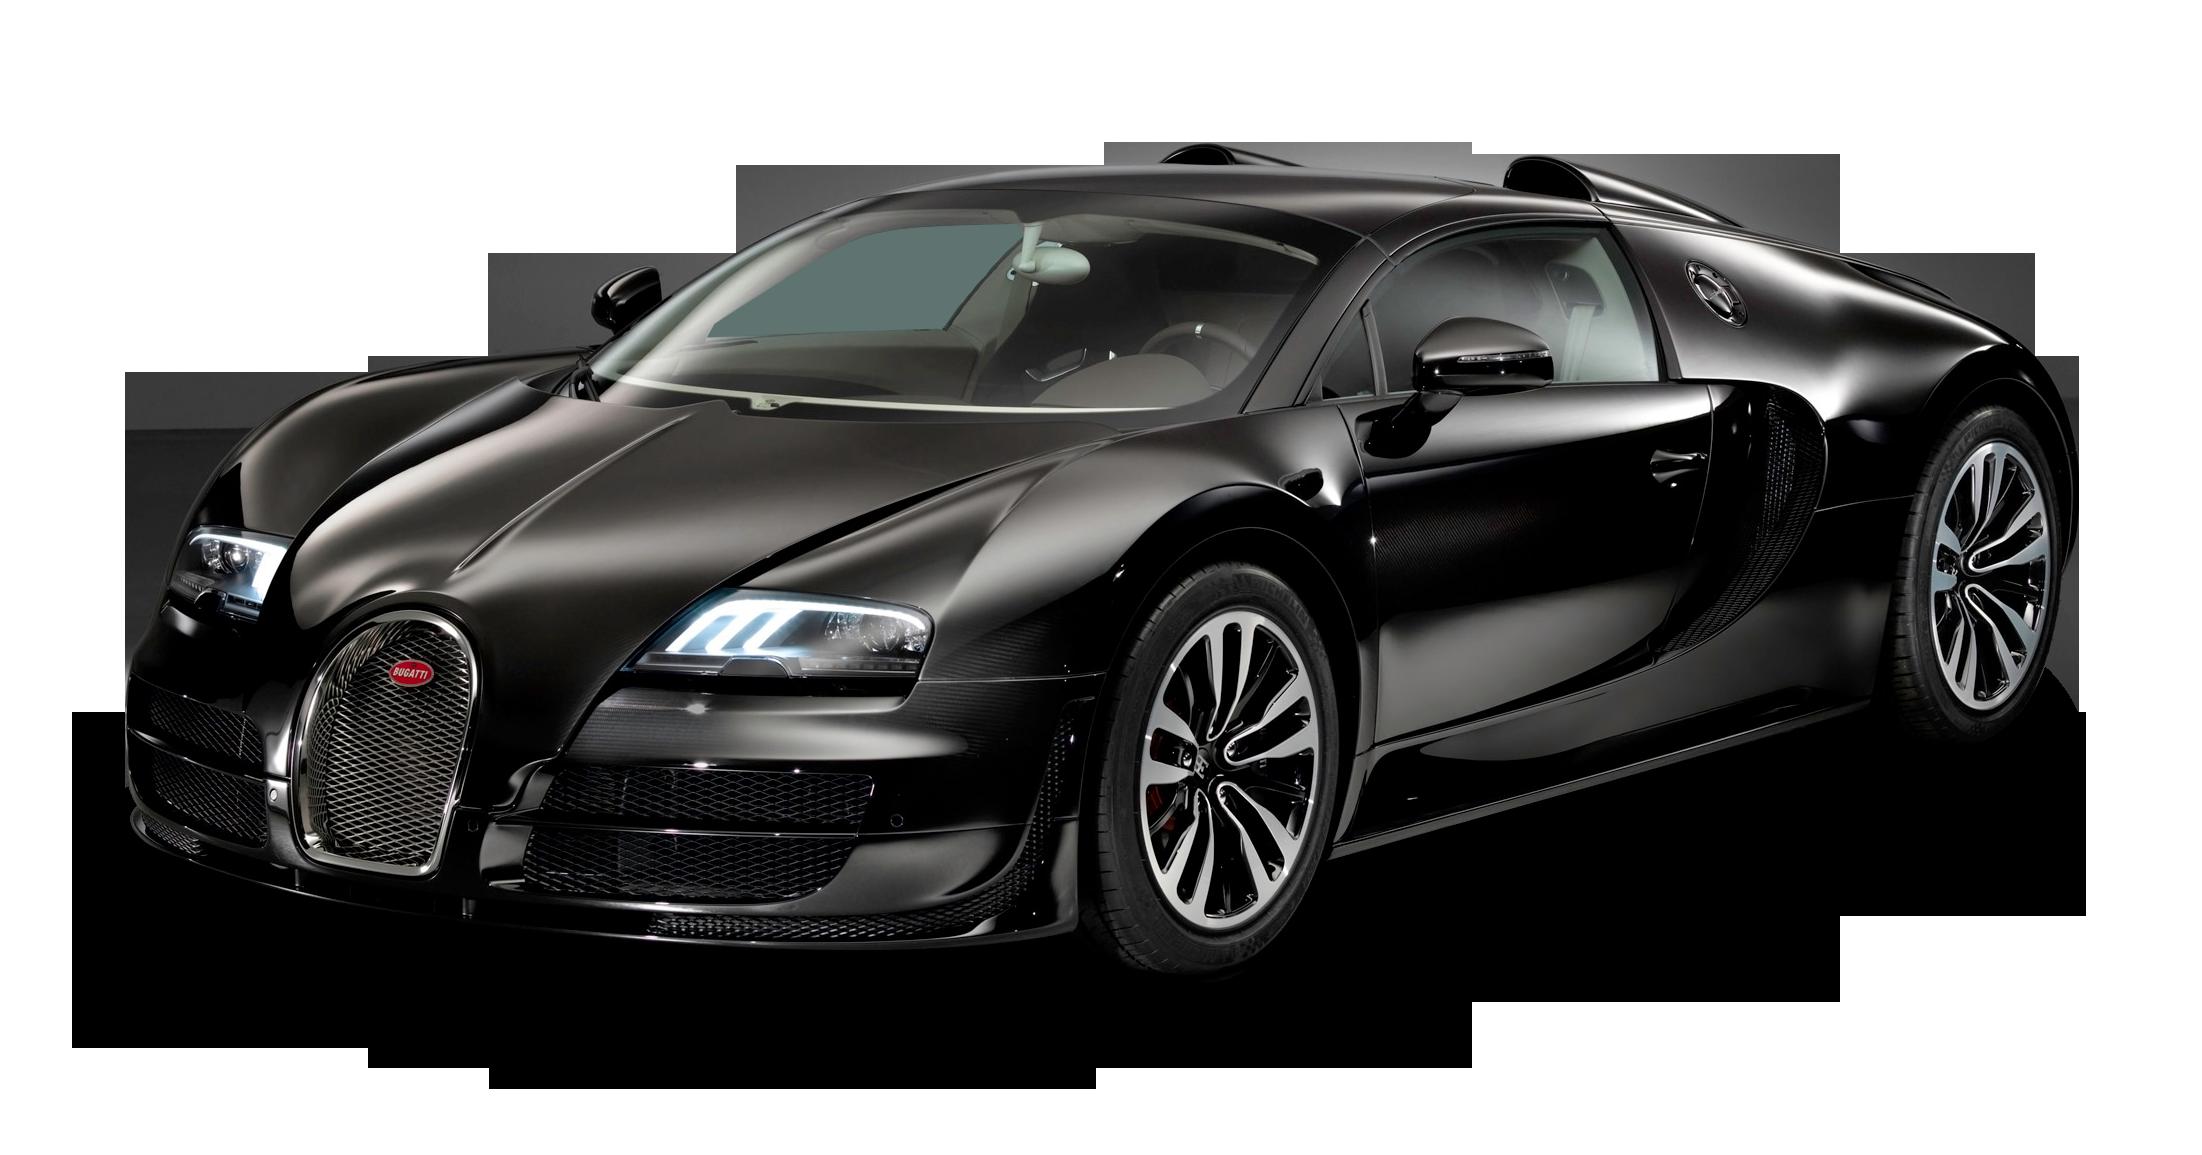 Black Bugatti Veyron Grand Sport Vitesse Car PNG Image